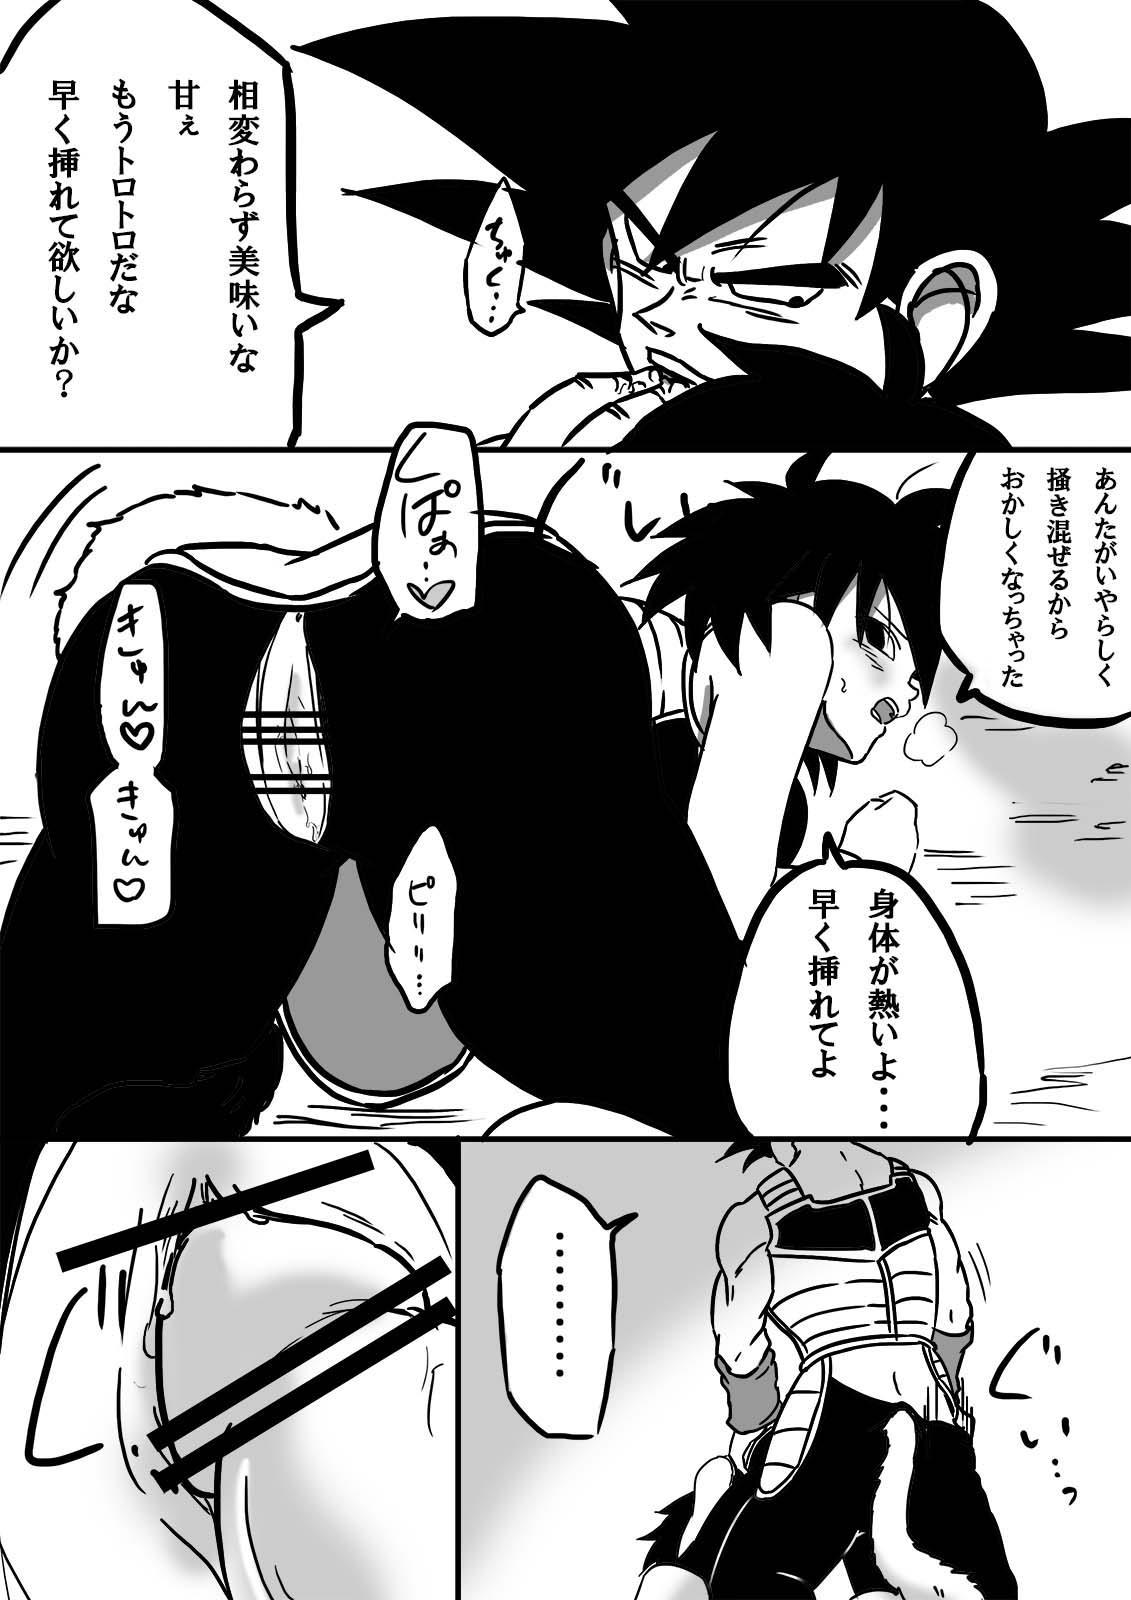 Miwaku no hana 9